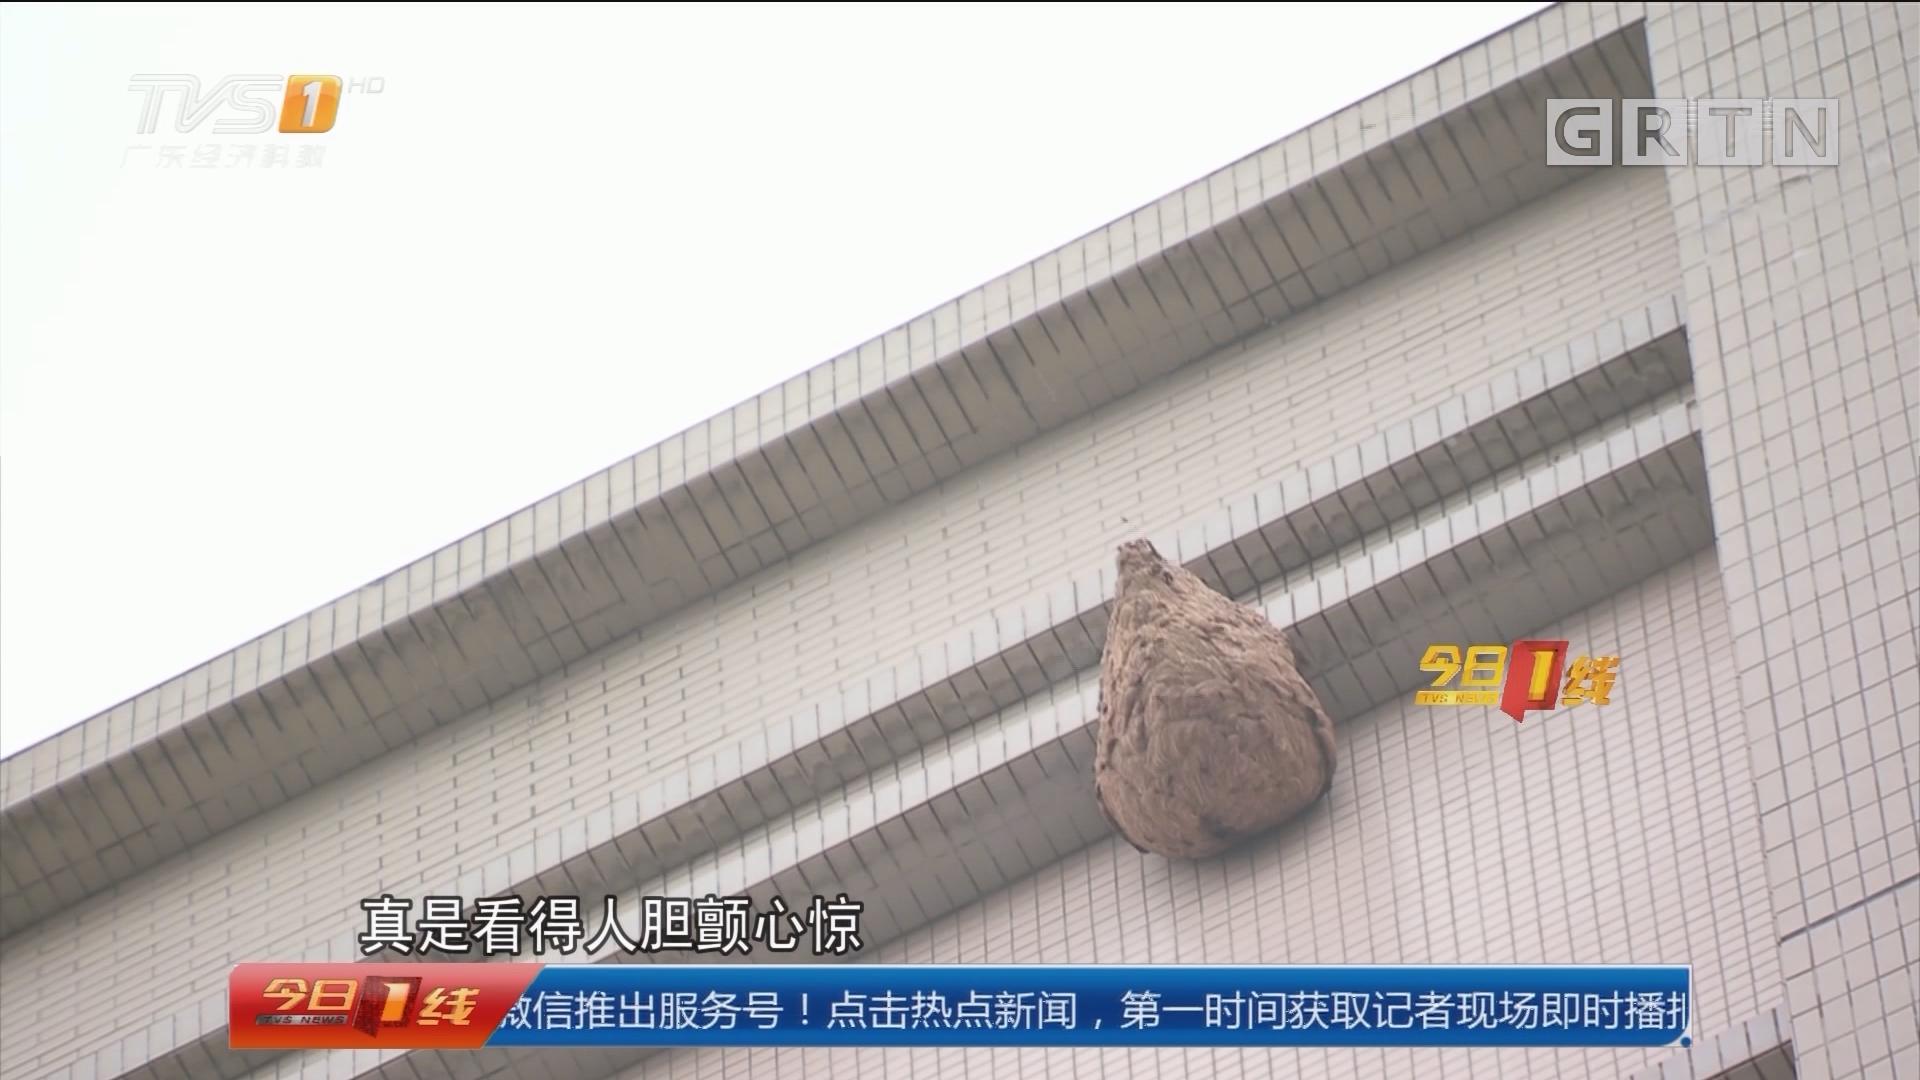 广州花都:40米高楼外挂蜂巢 消防为民除害